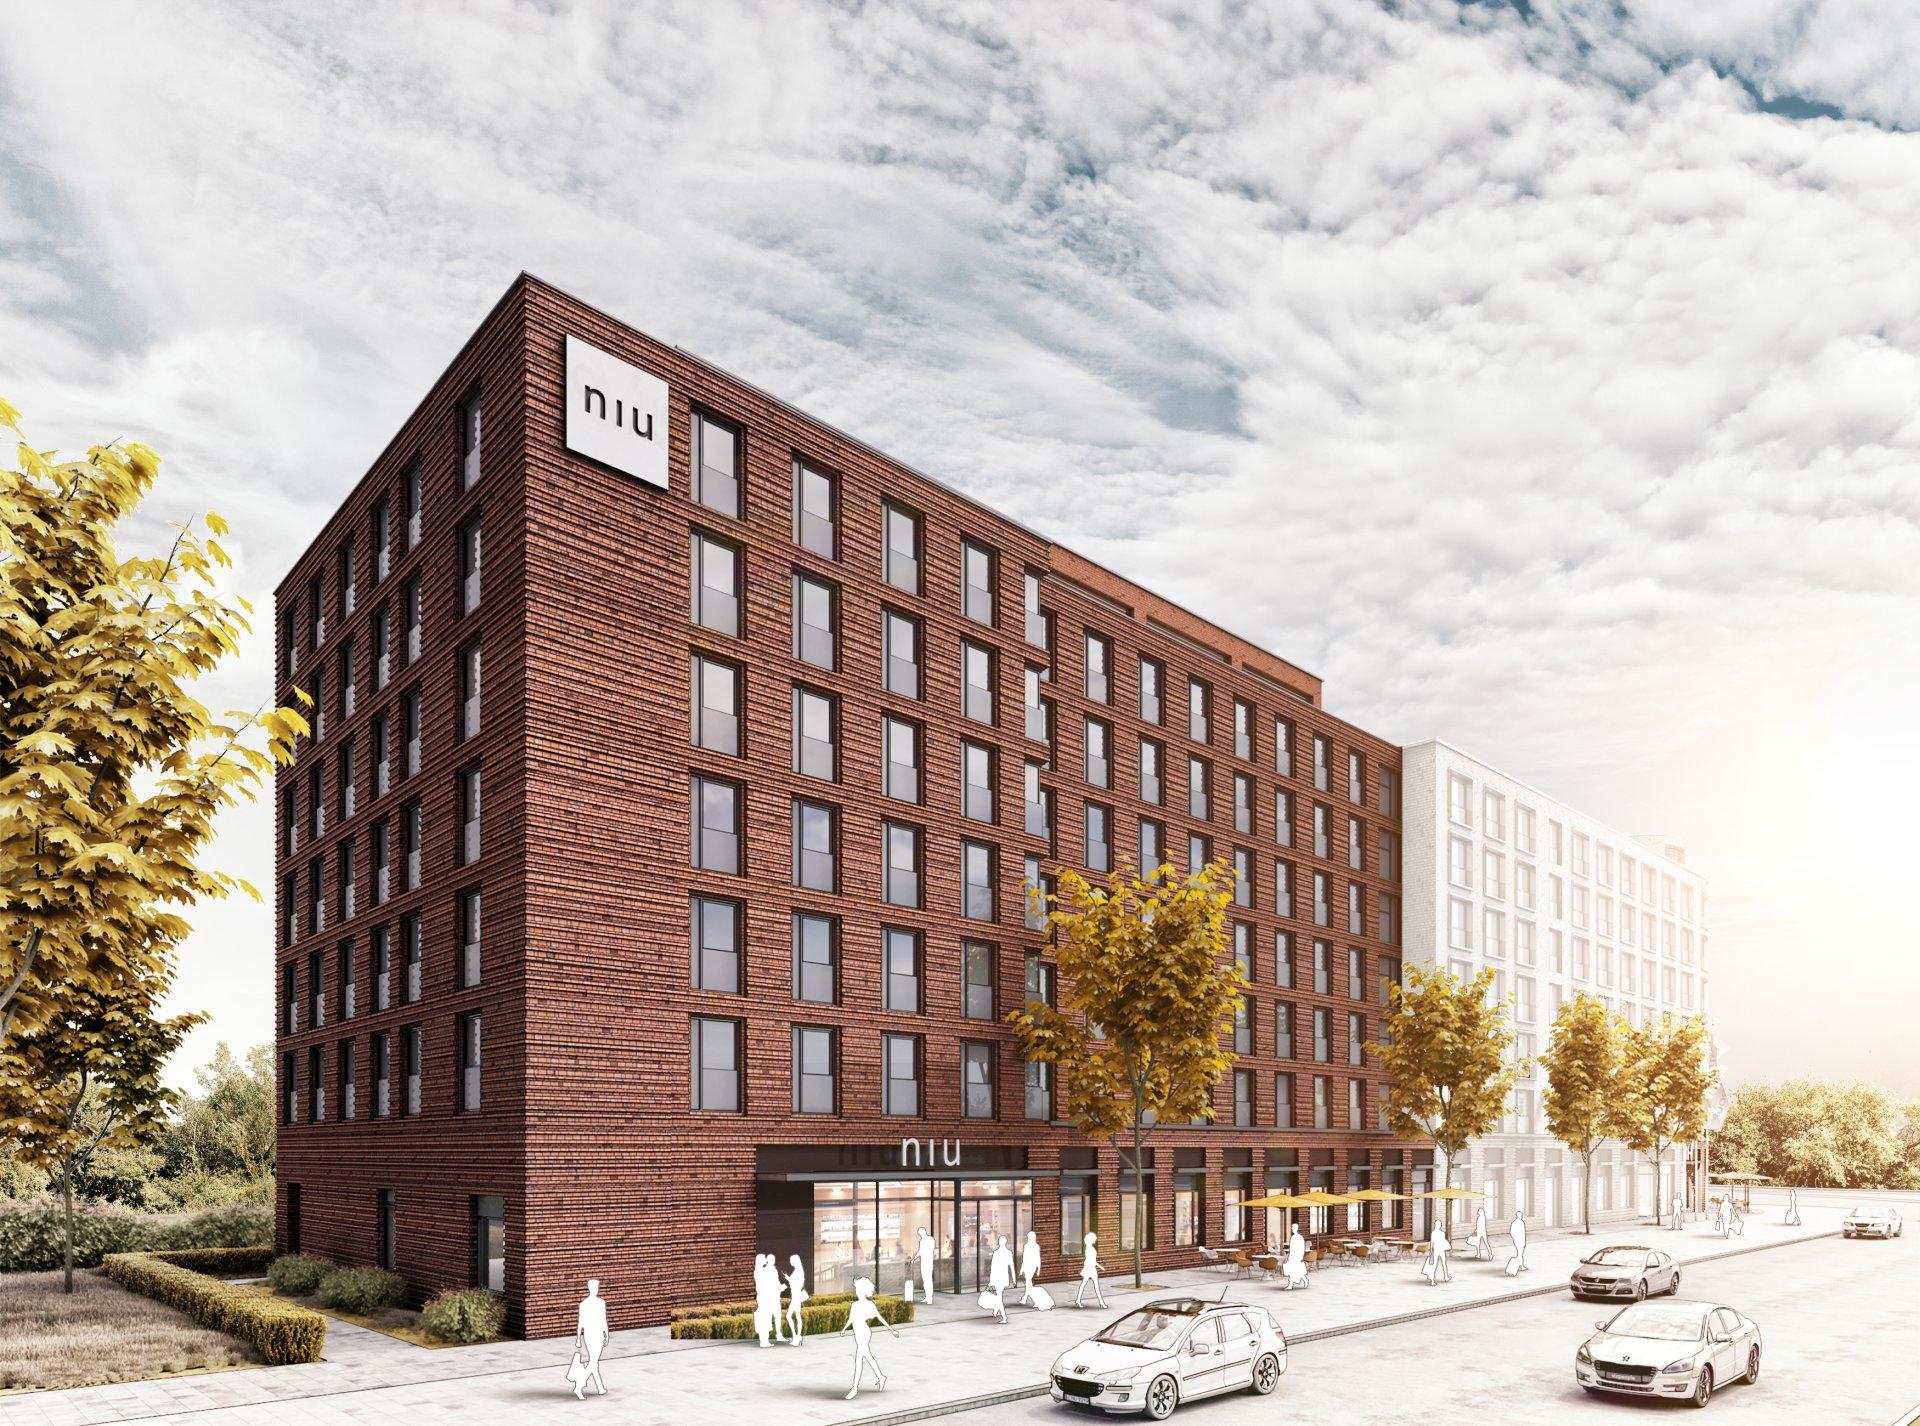 Das erste Haus der Marke niu in Mannheim. Bild: Novum Hospitality